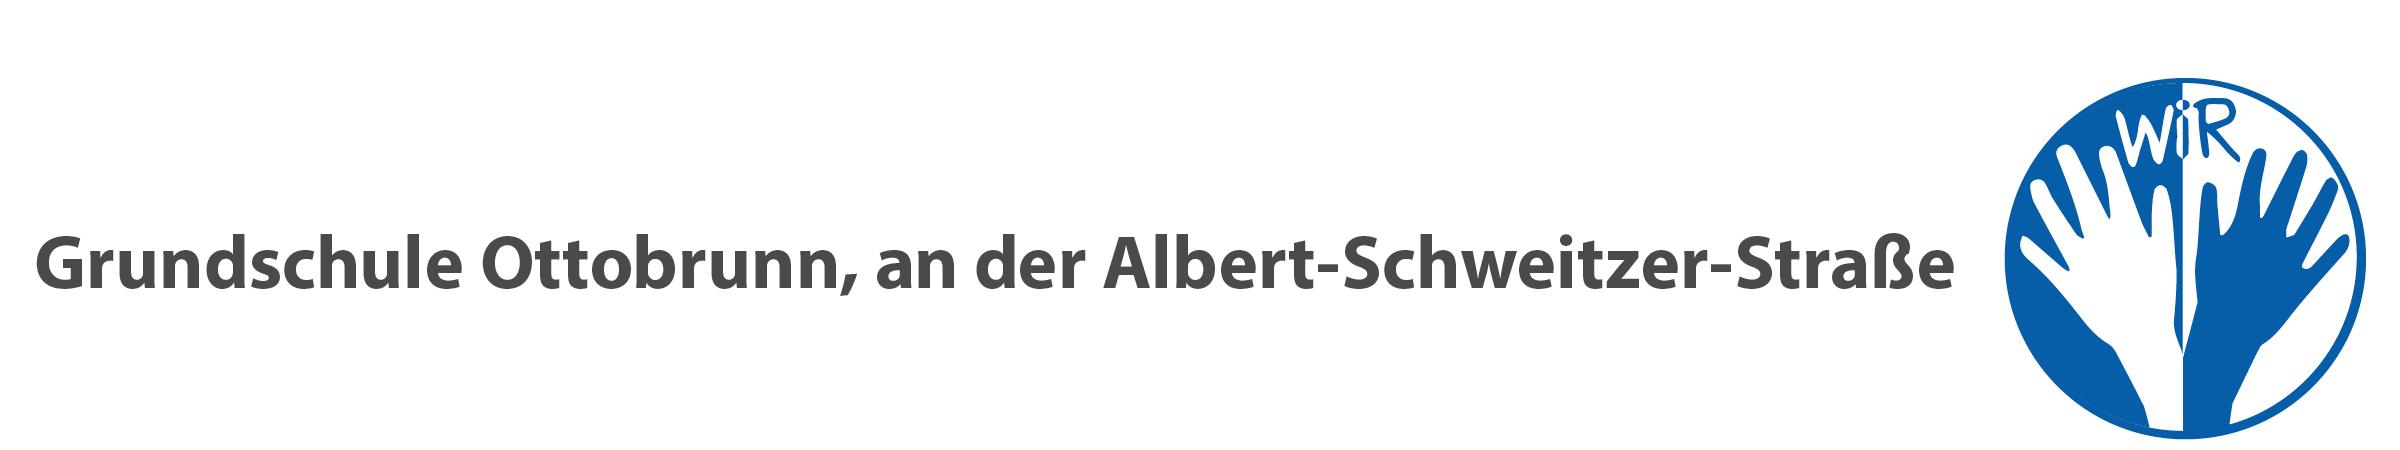 Grundschule Albertschweitzerstraße Ottobrunn